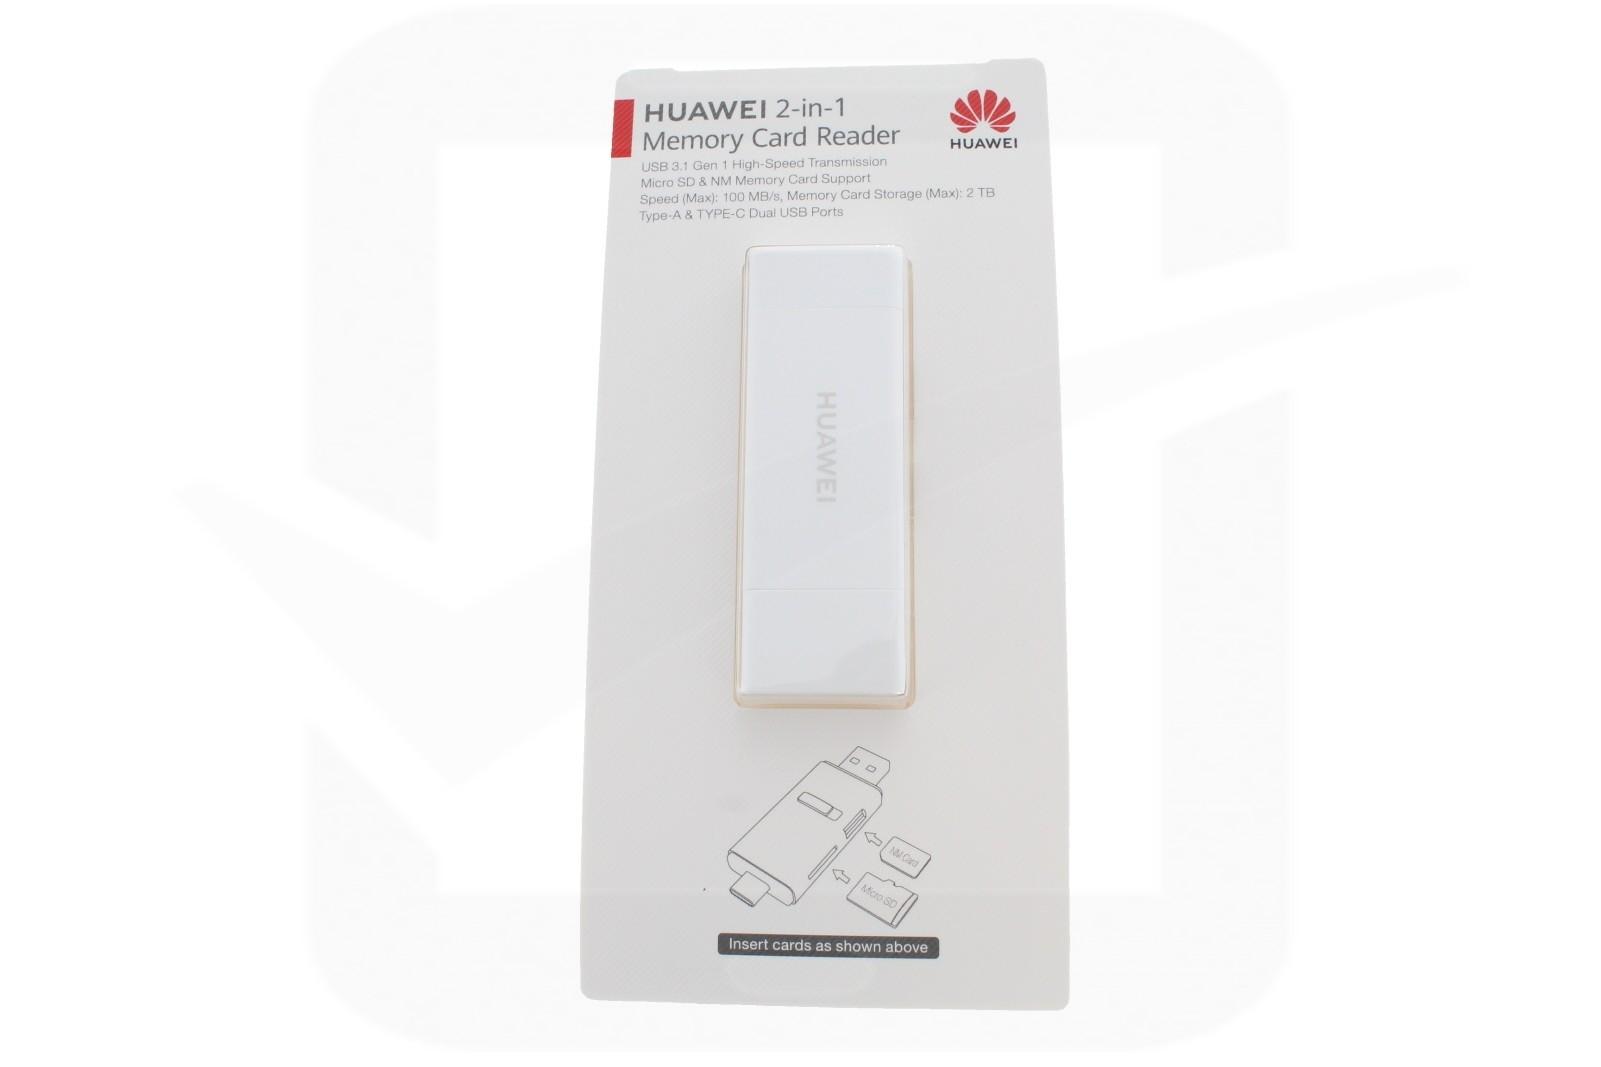 Official Huawei CF22R 2 in 1 Memory Card Reader - NM Nano Memory